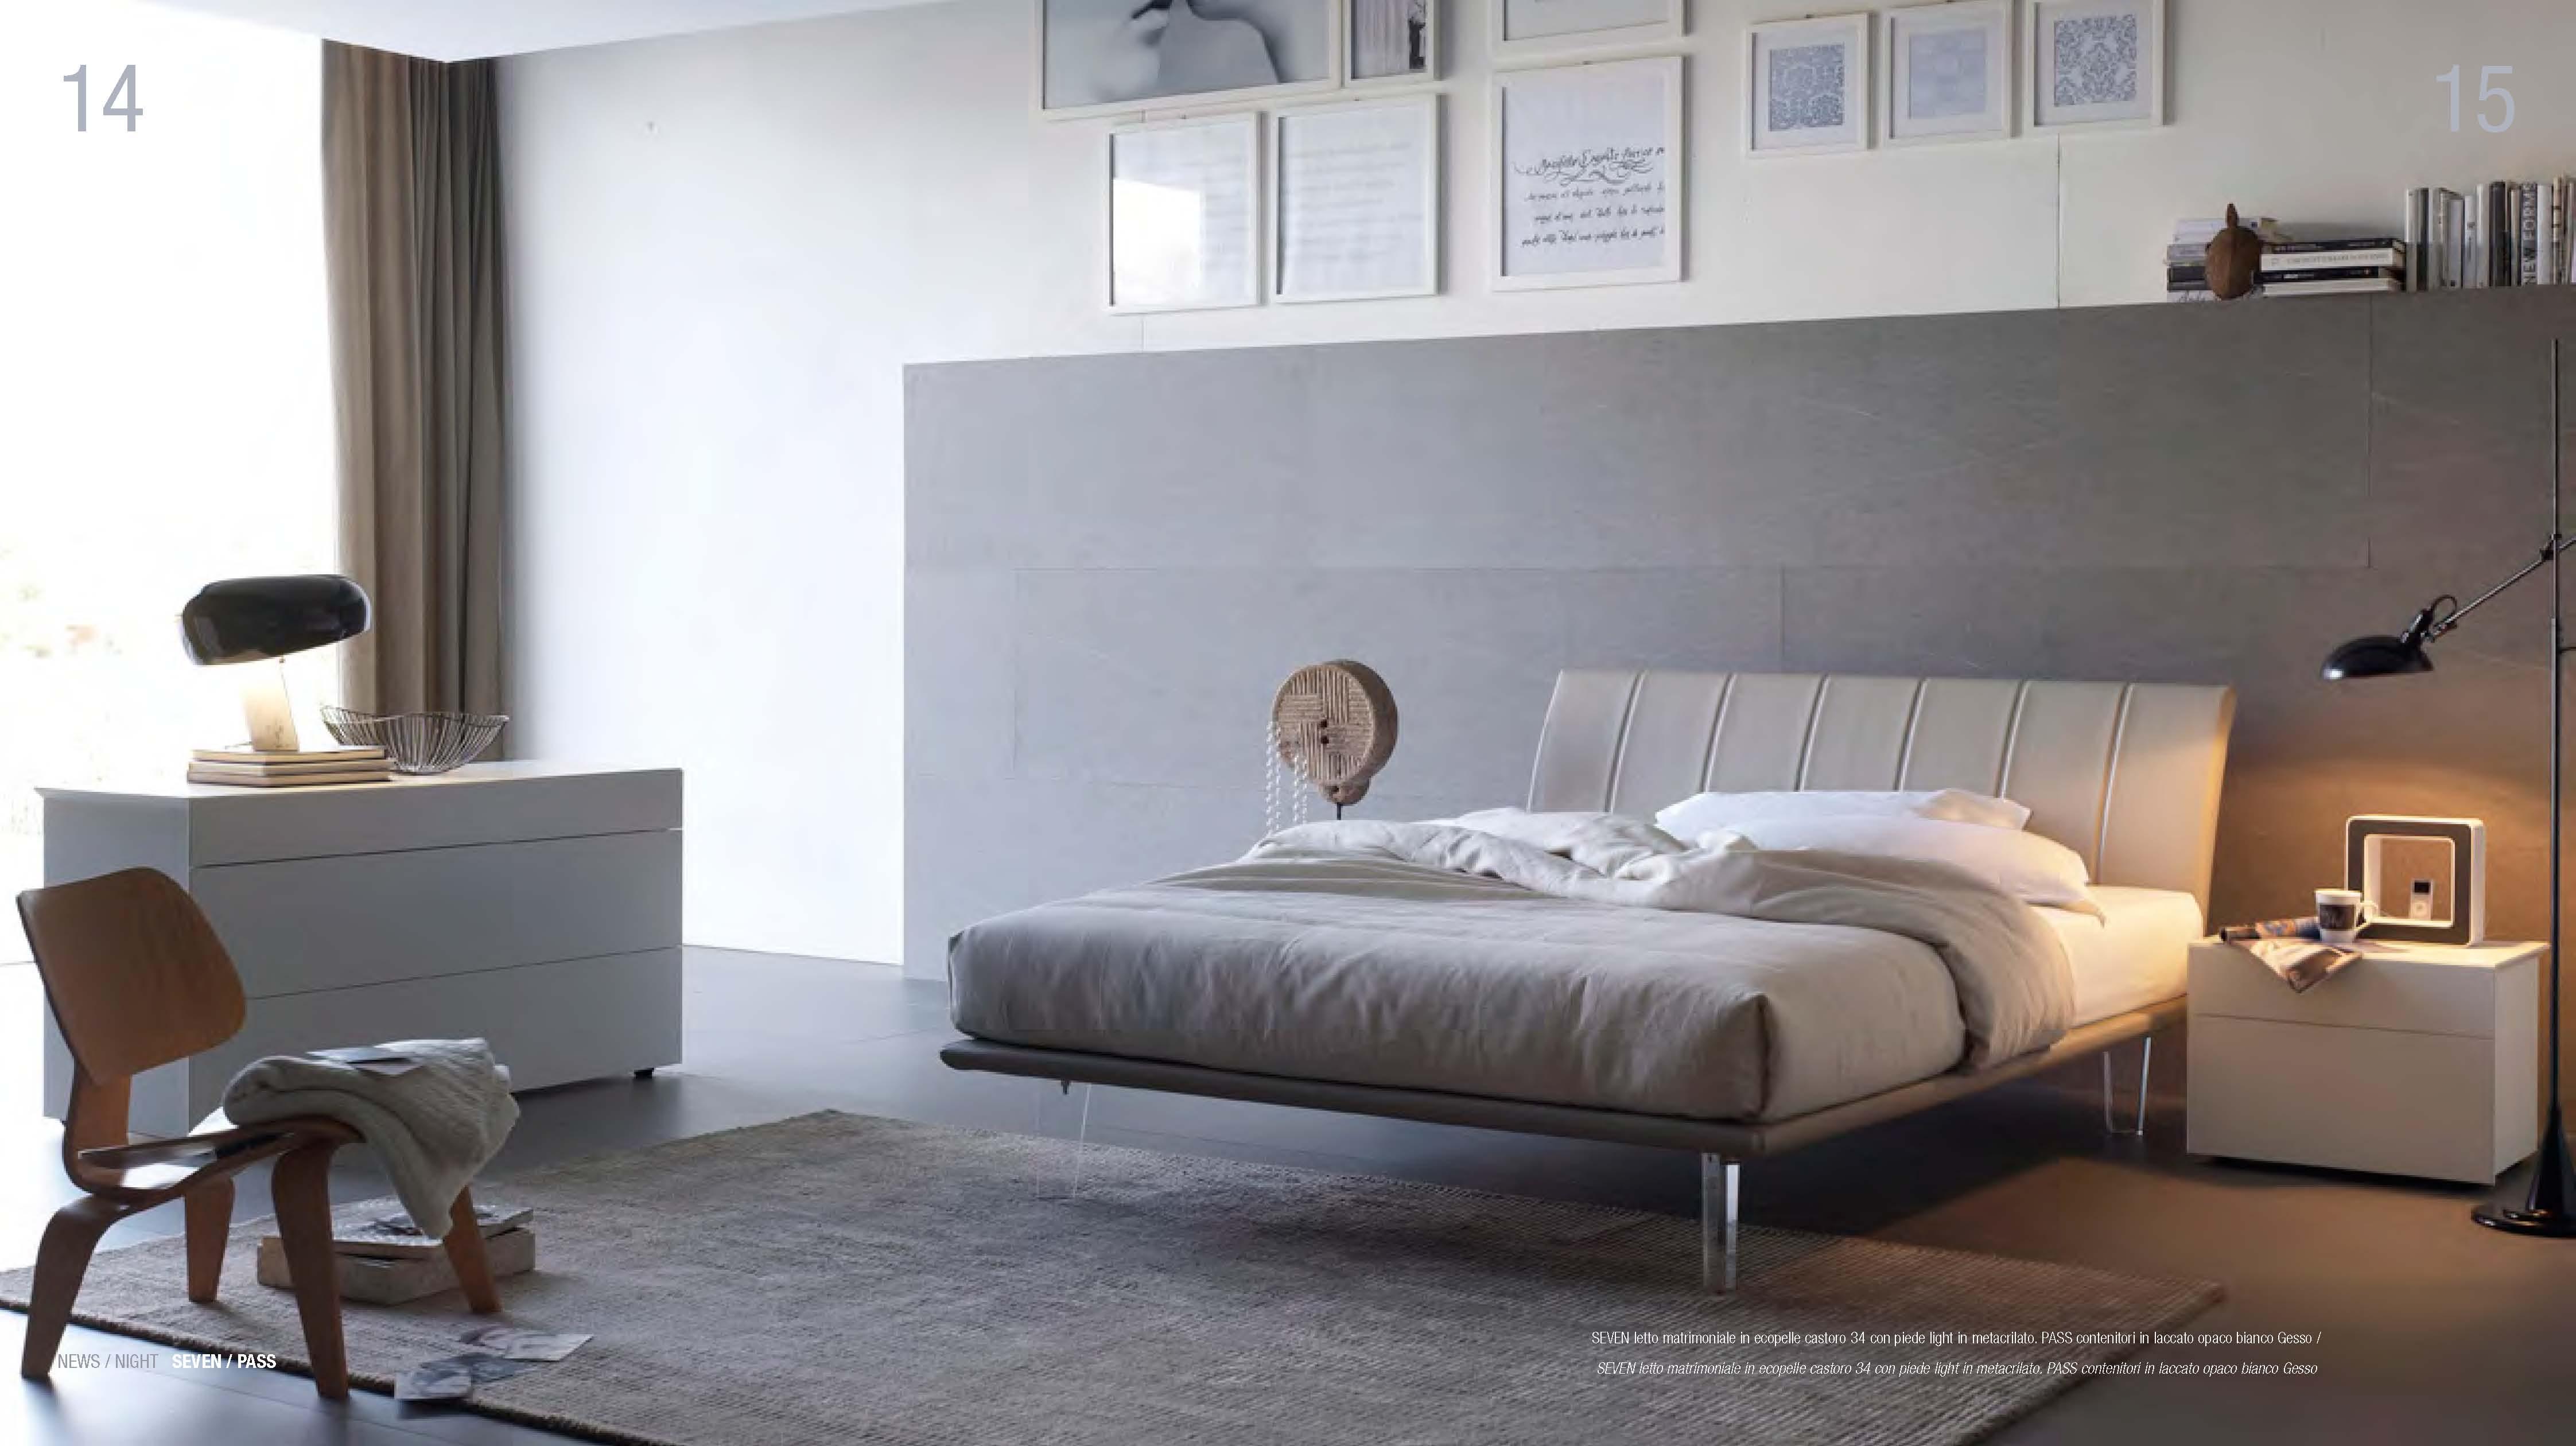 Gruppo letto con testata imbottita mobili arredamento cucine salotti camere da letto tregima - Testata letto imbottita ...